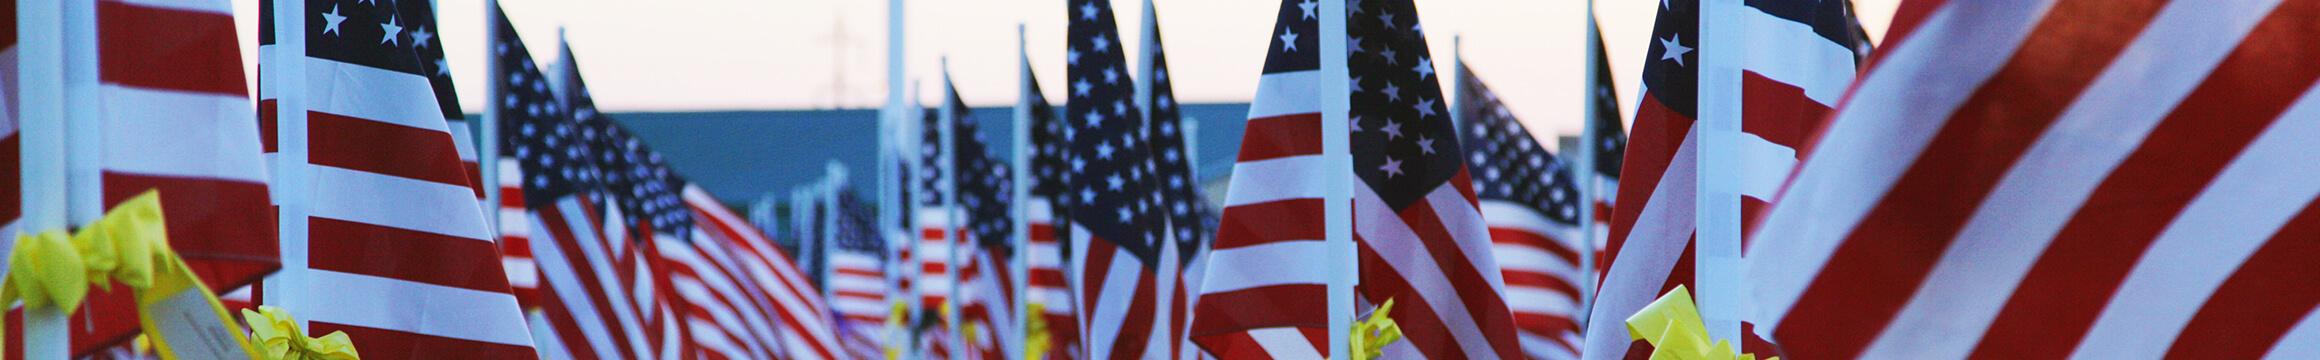 American Veteran 09